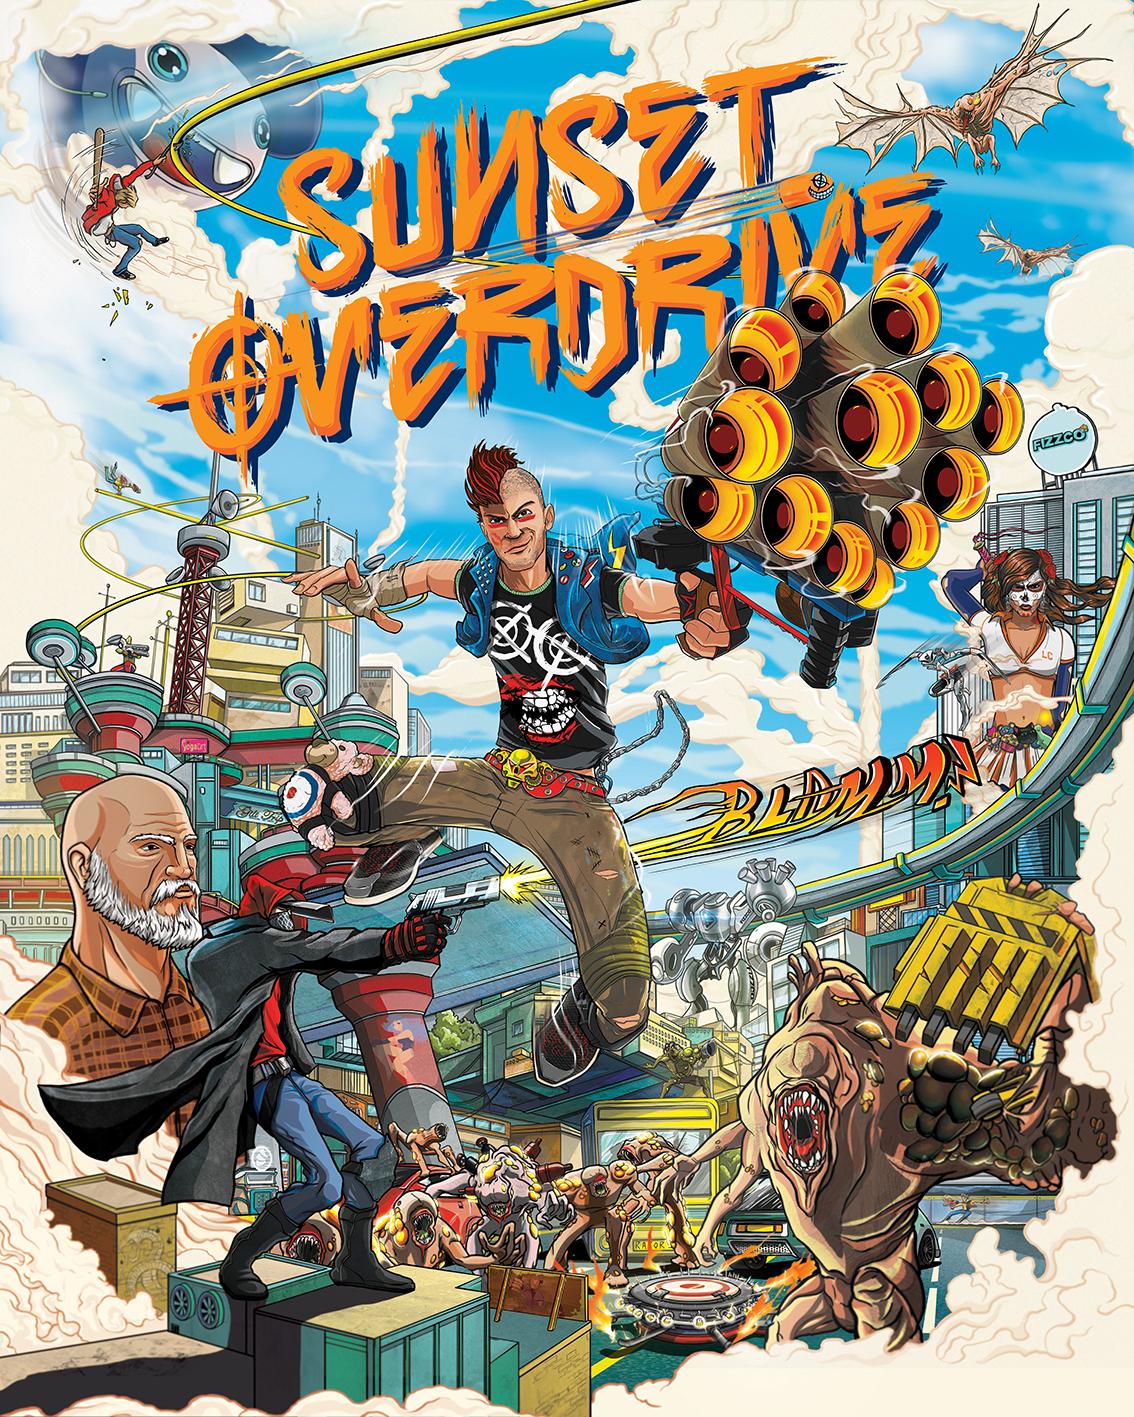 Grafik v reklamě Sony použil font Sunset Overdrive 96455